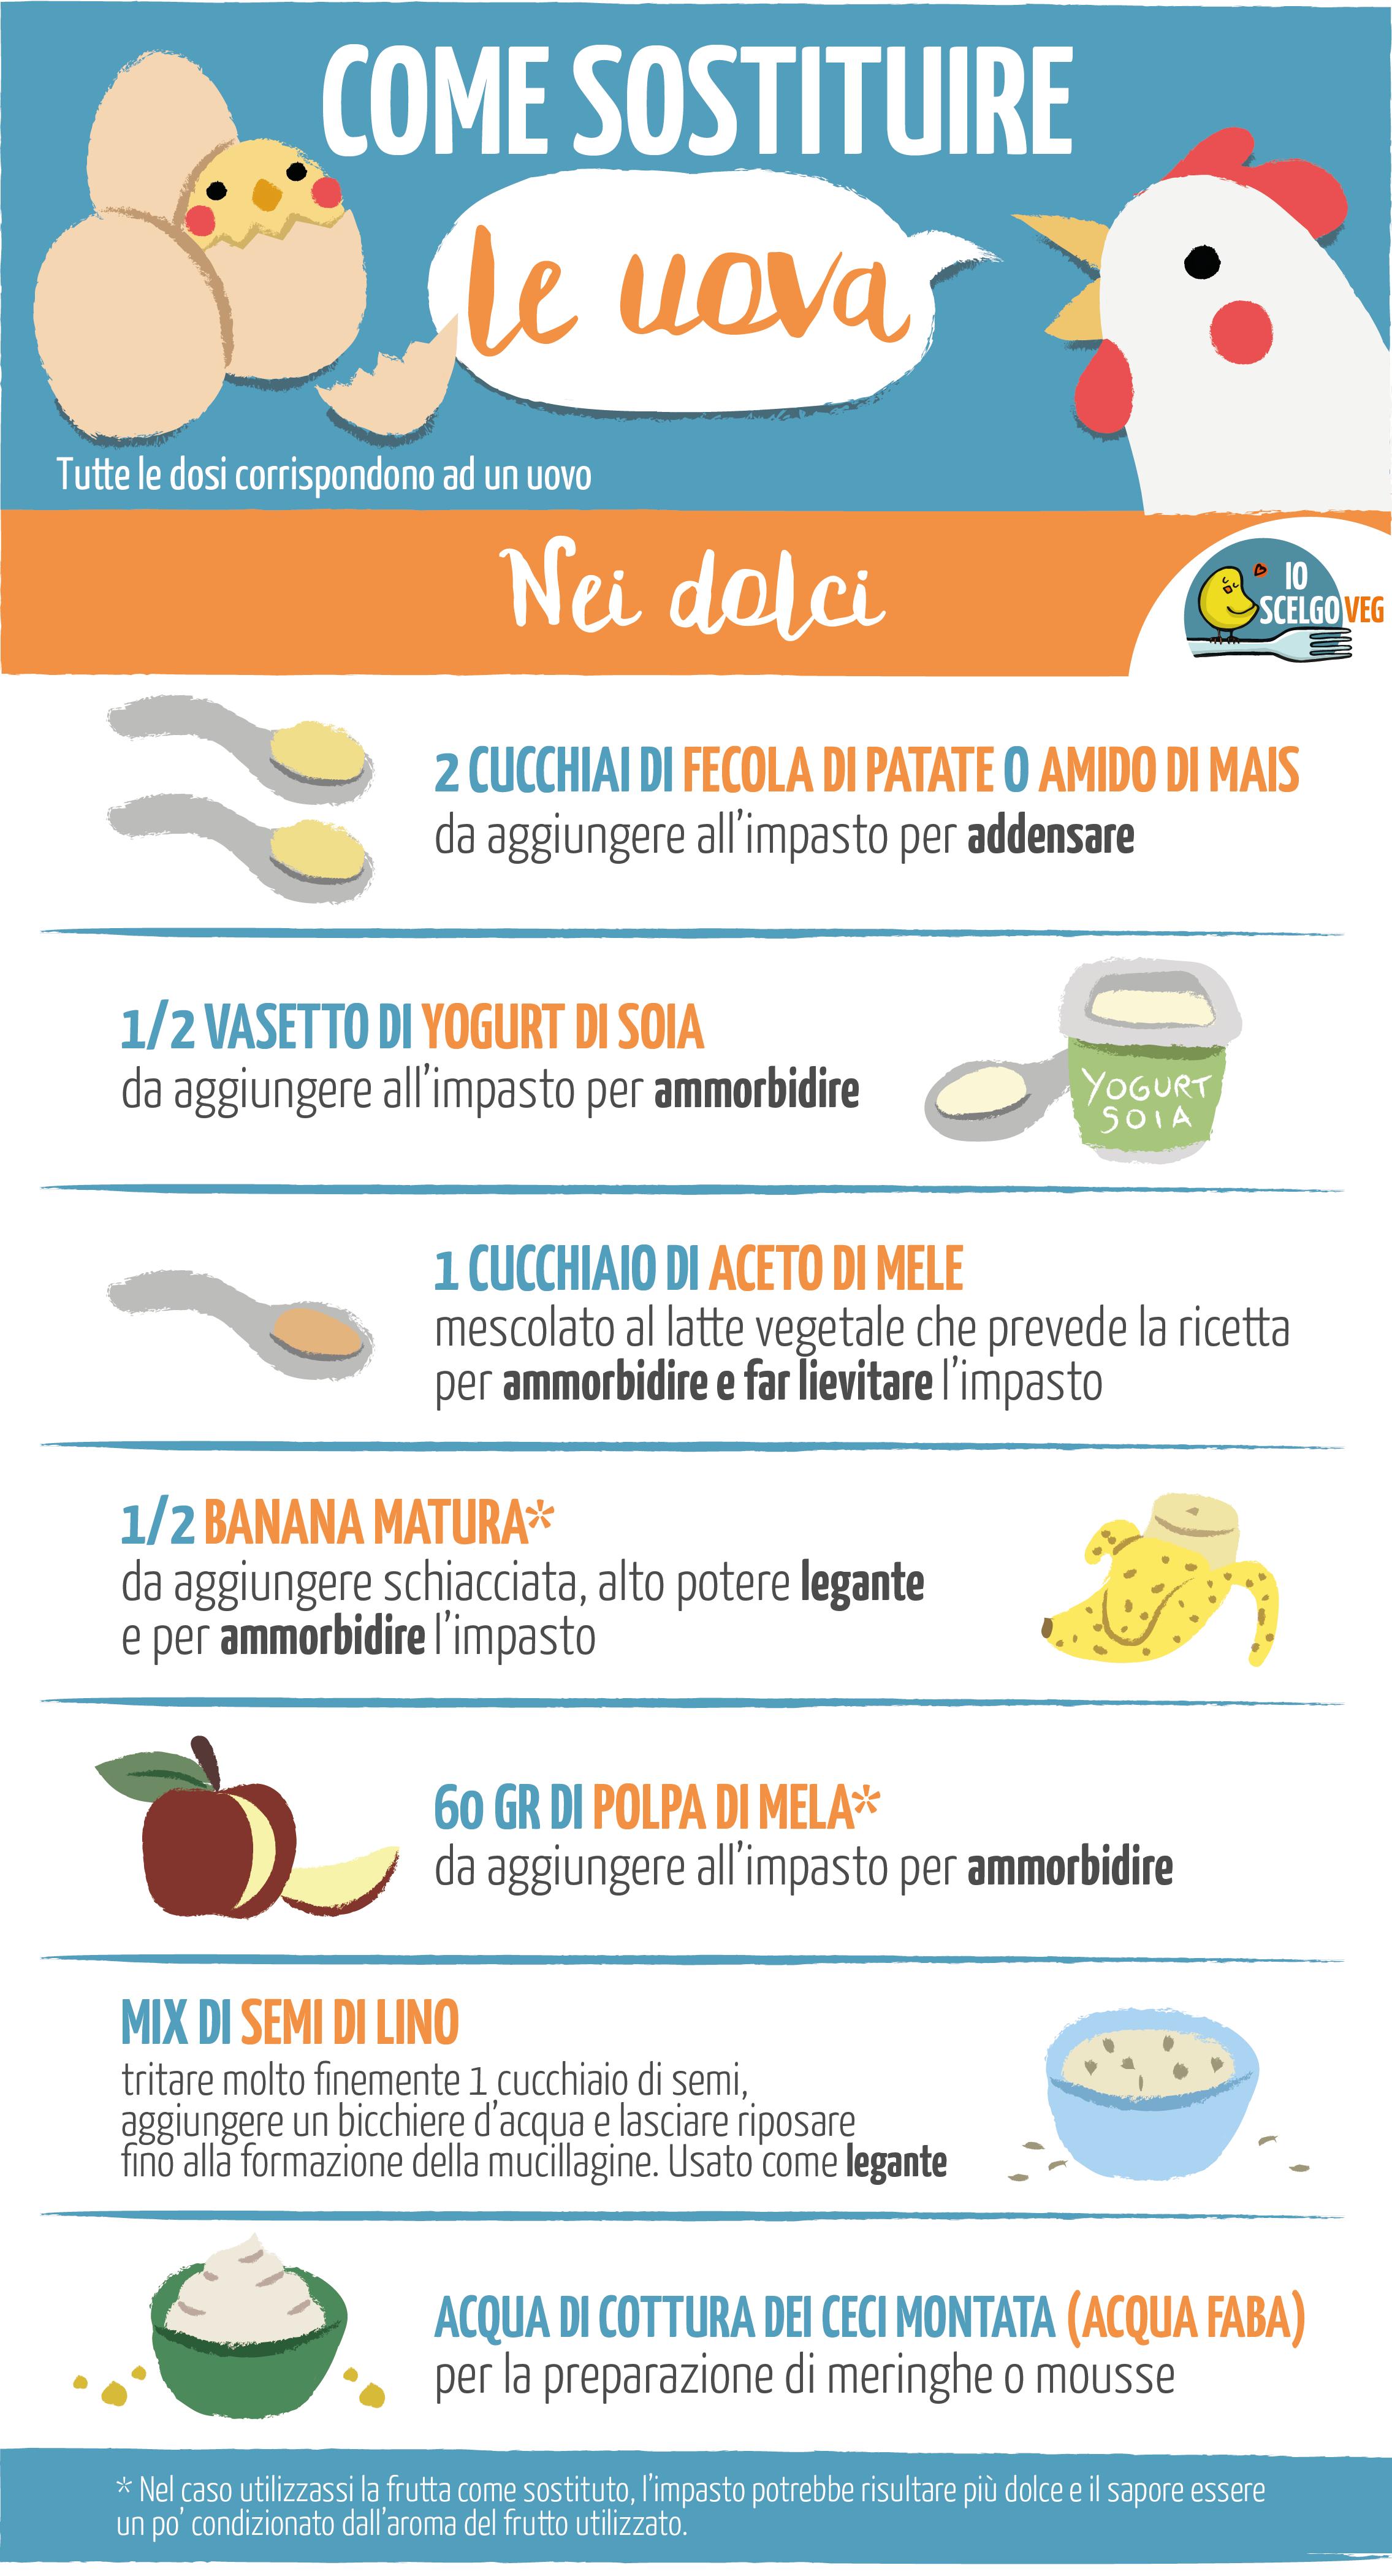 consigli per sostituire le uova nei dolci per una dieta vegan